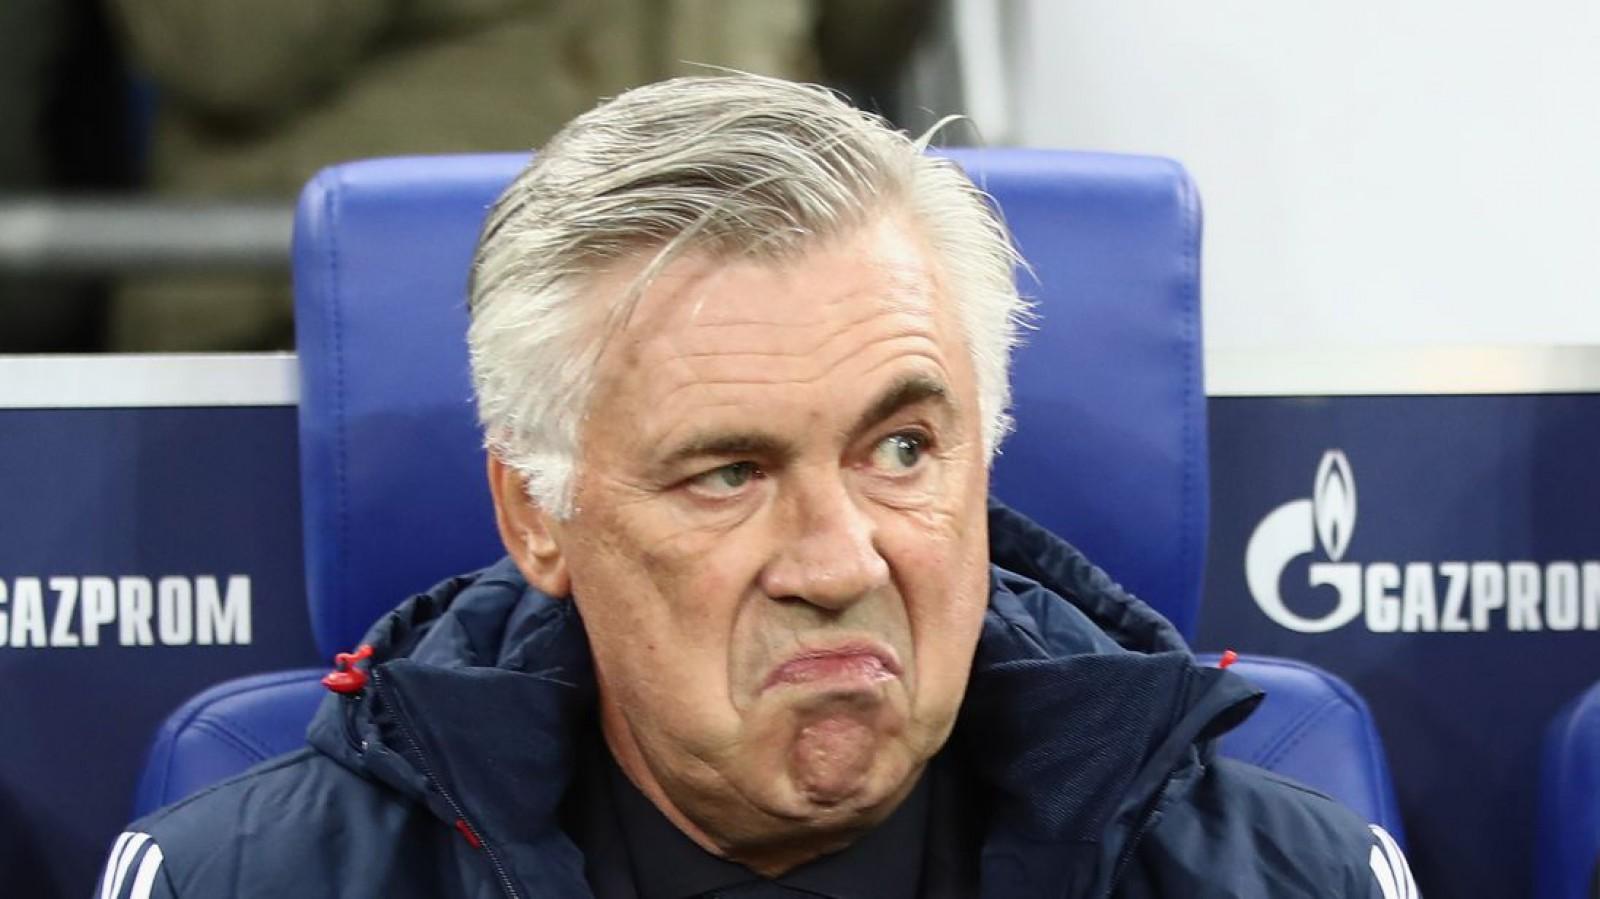 O nouă destinație pentru Carlo Ancelotti. Italianul ar putea antrena o echipă din Premier Liga rusă